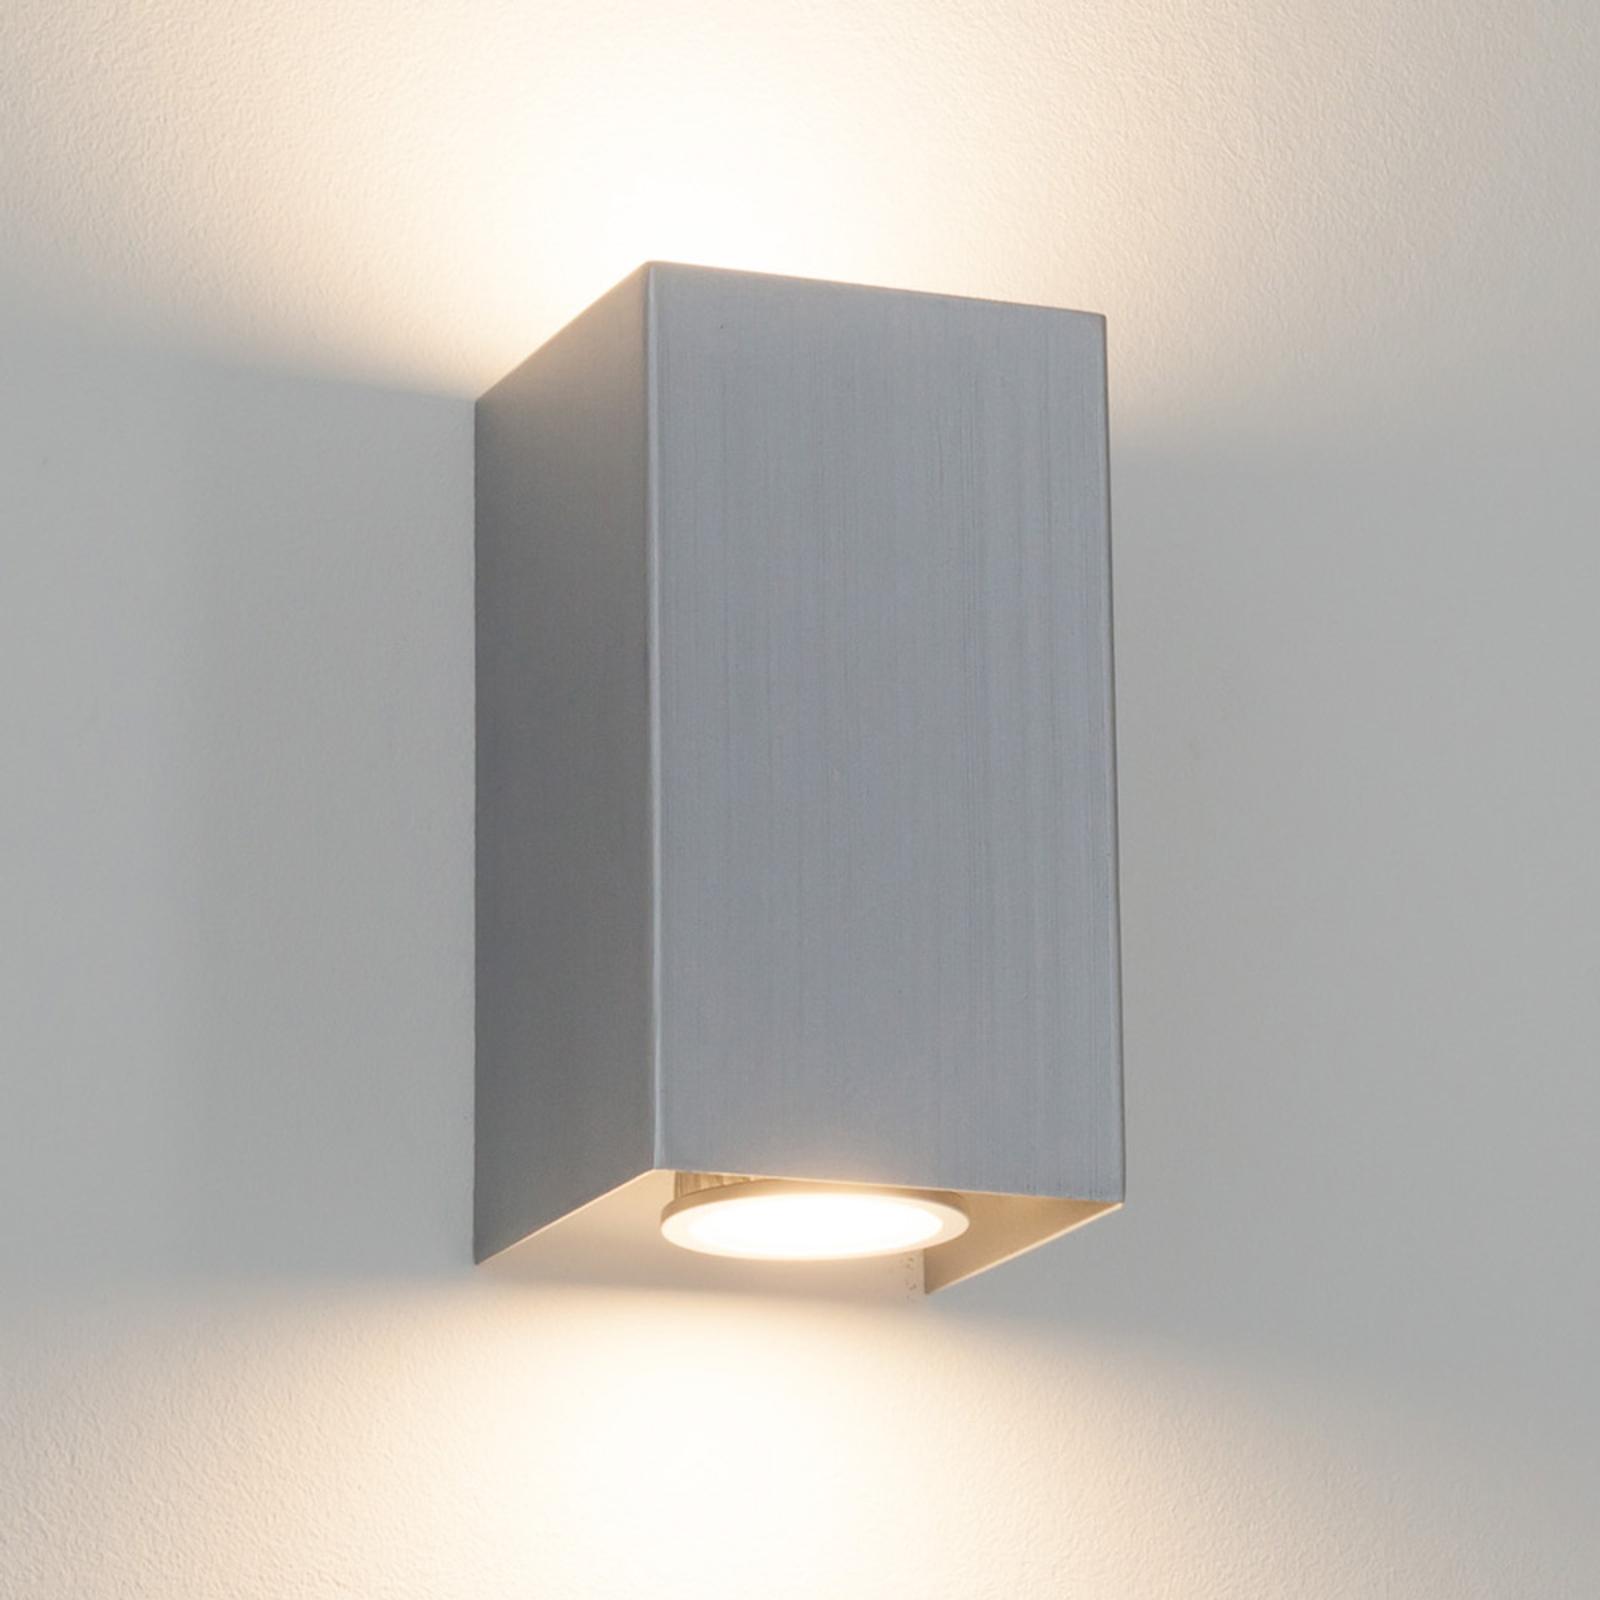 Kantet vegglampe Kabir av metall, GU10 LED-lys